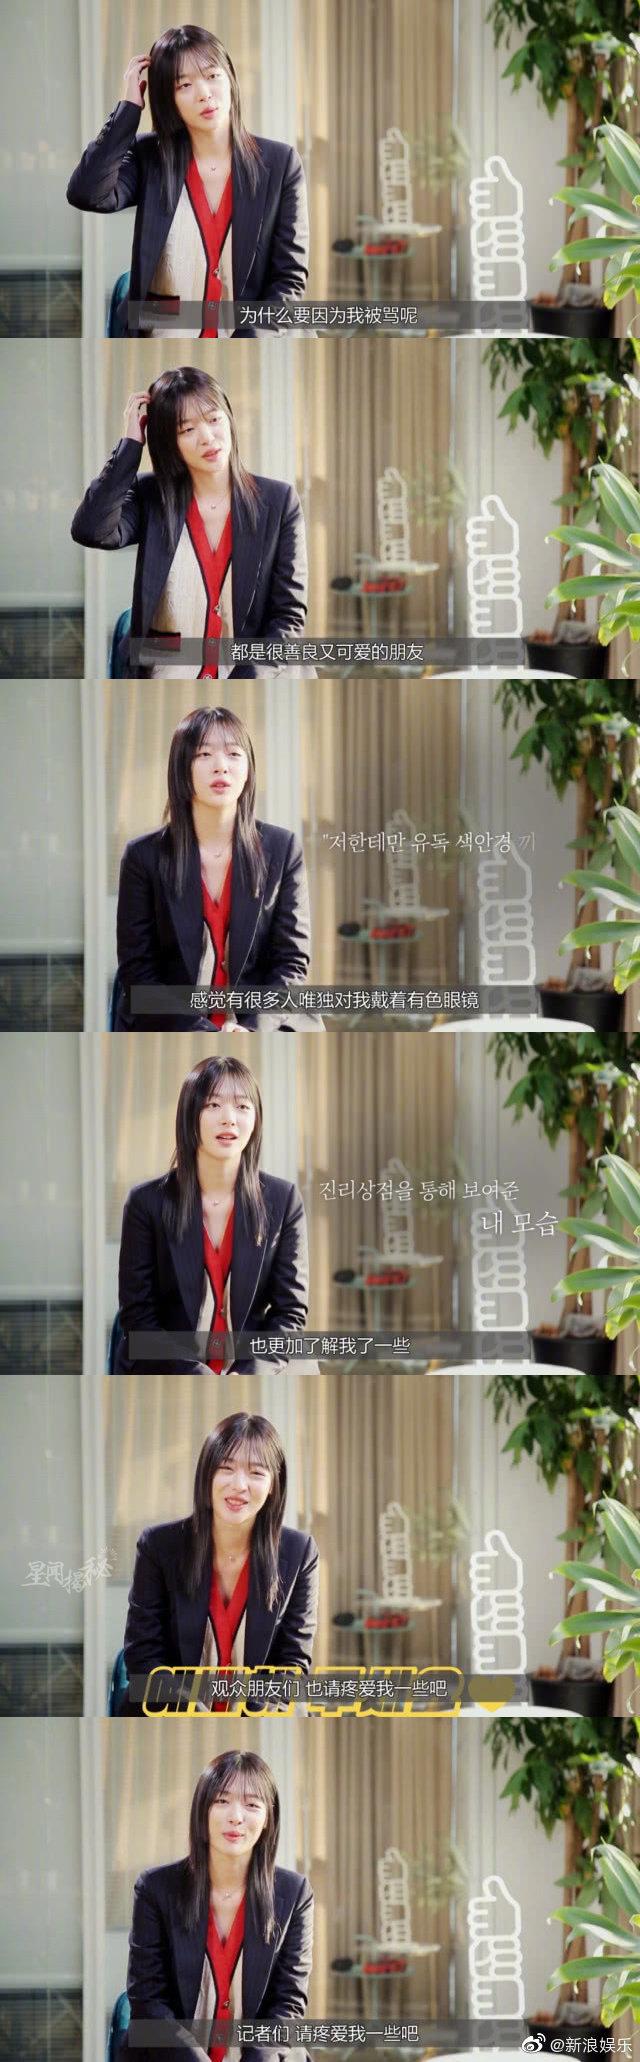 韩国女星崔雪莉确认自杀死亡